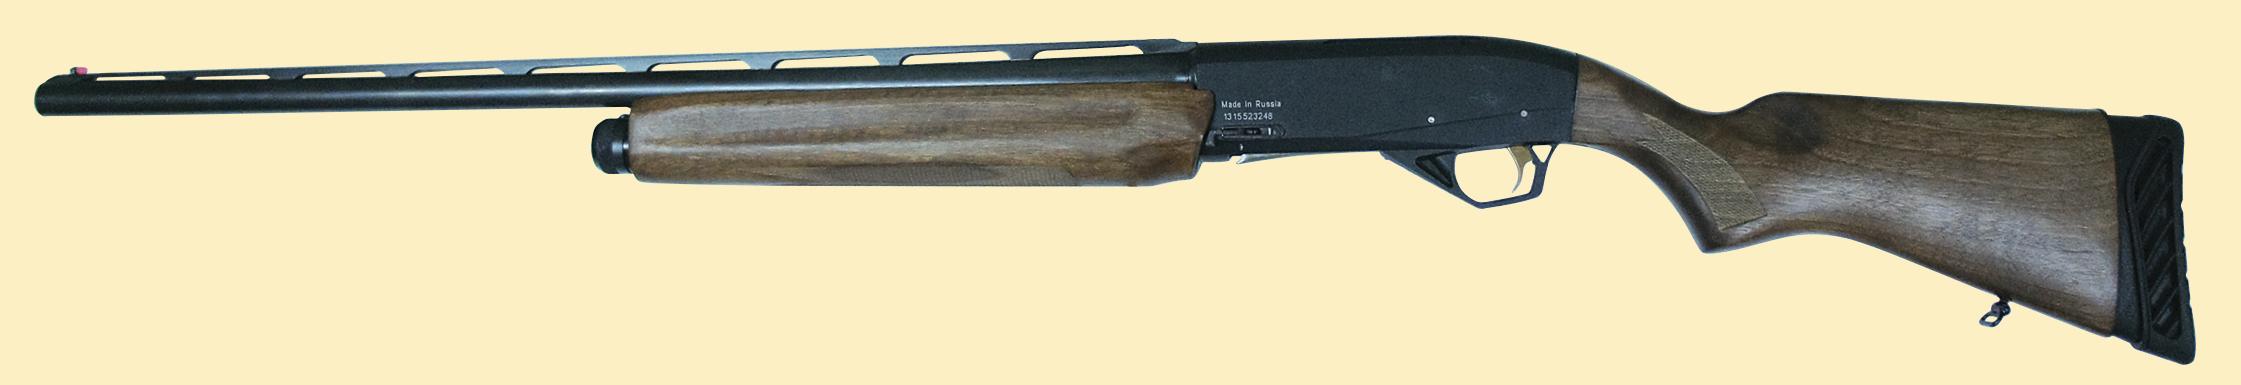 ружье самозарядное охотничье MP-153